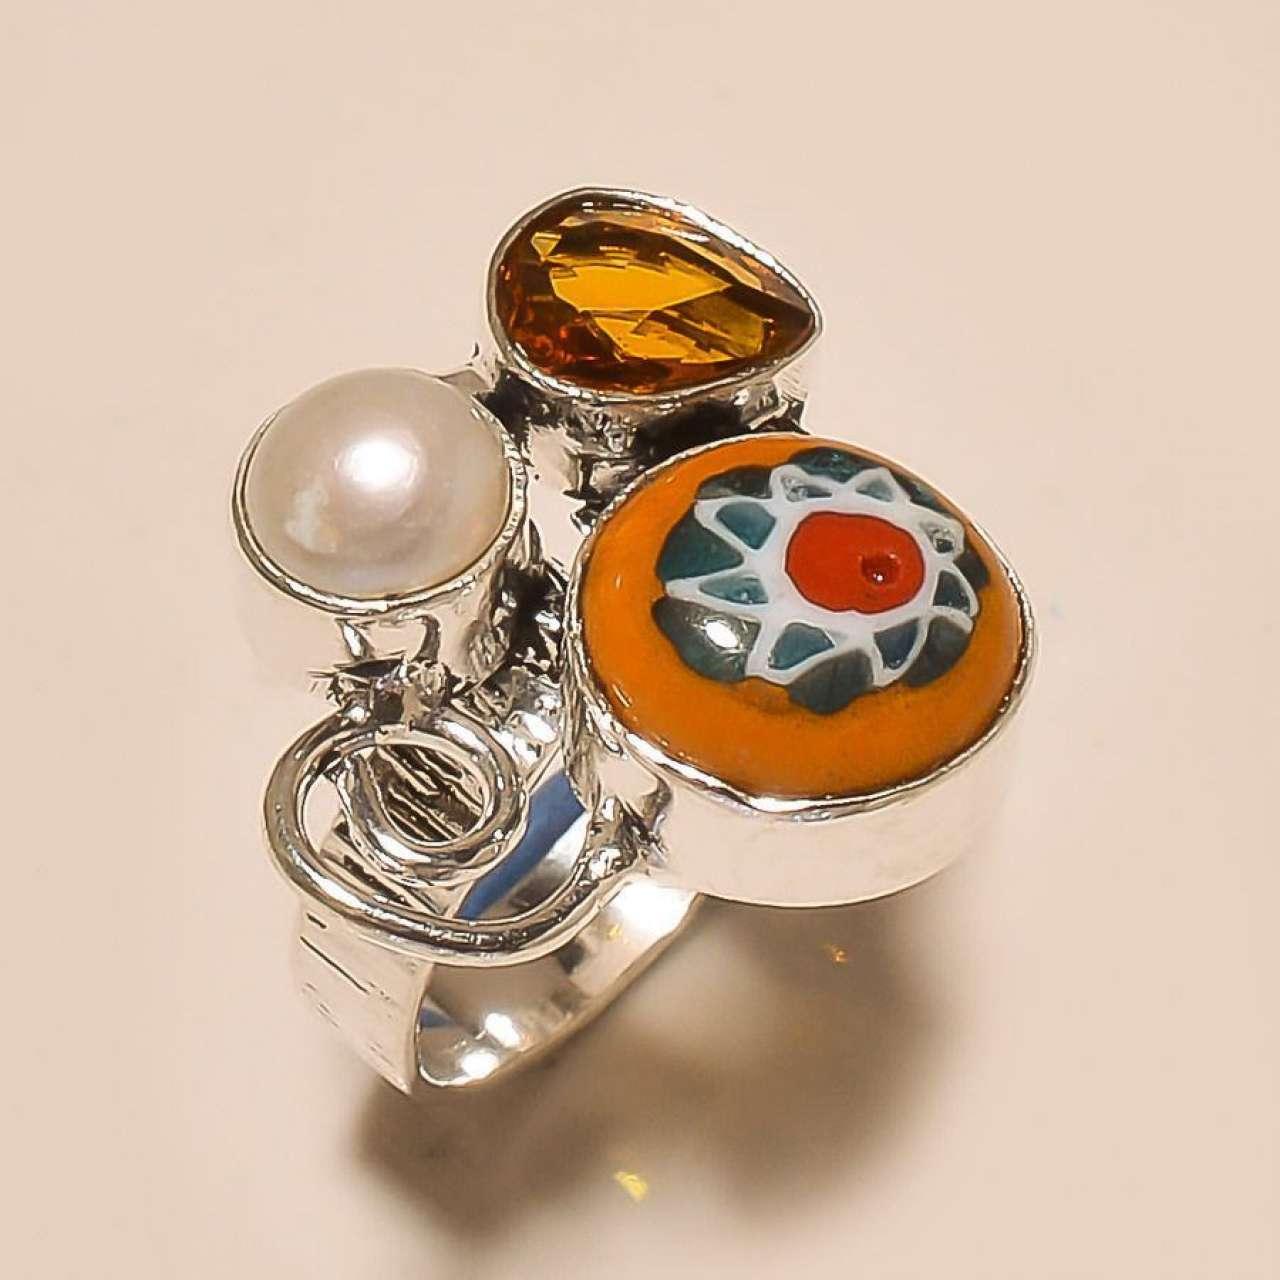 Кольцо с дихроическим стеклом, культивированным жемчугом и топазом